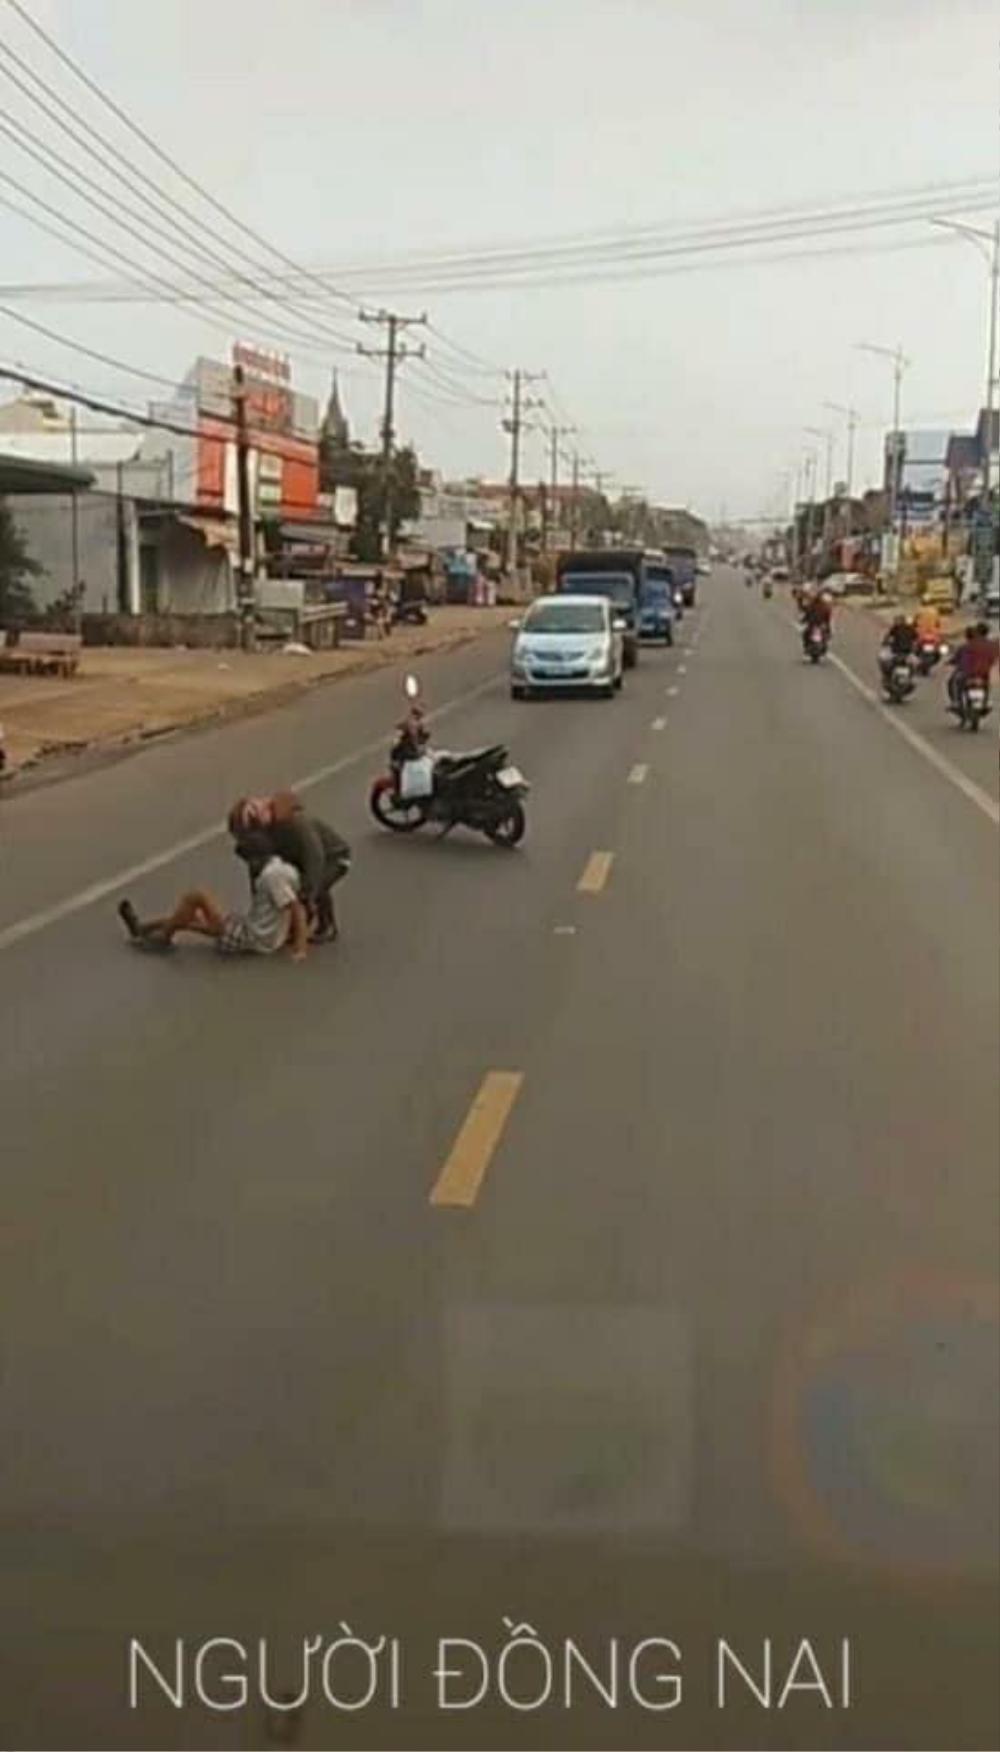 Bất ngờ dùng xe máy chặn đường ô tô, hành động sau đó của chàng trai khiến nhiều người cay khóe mắt Ảnh 3